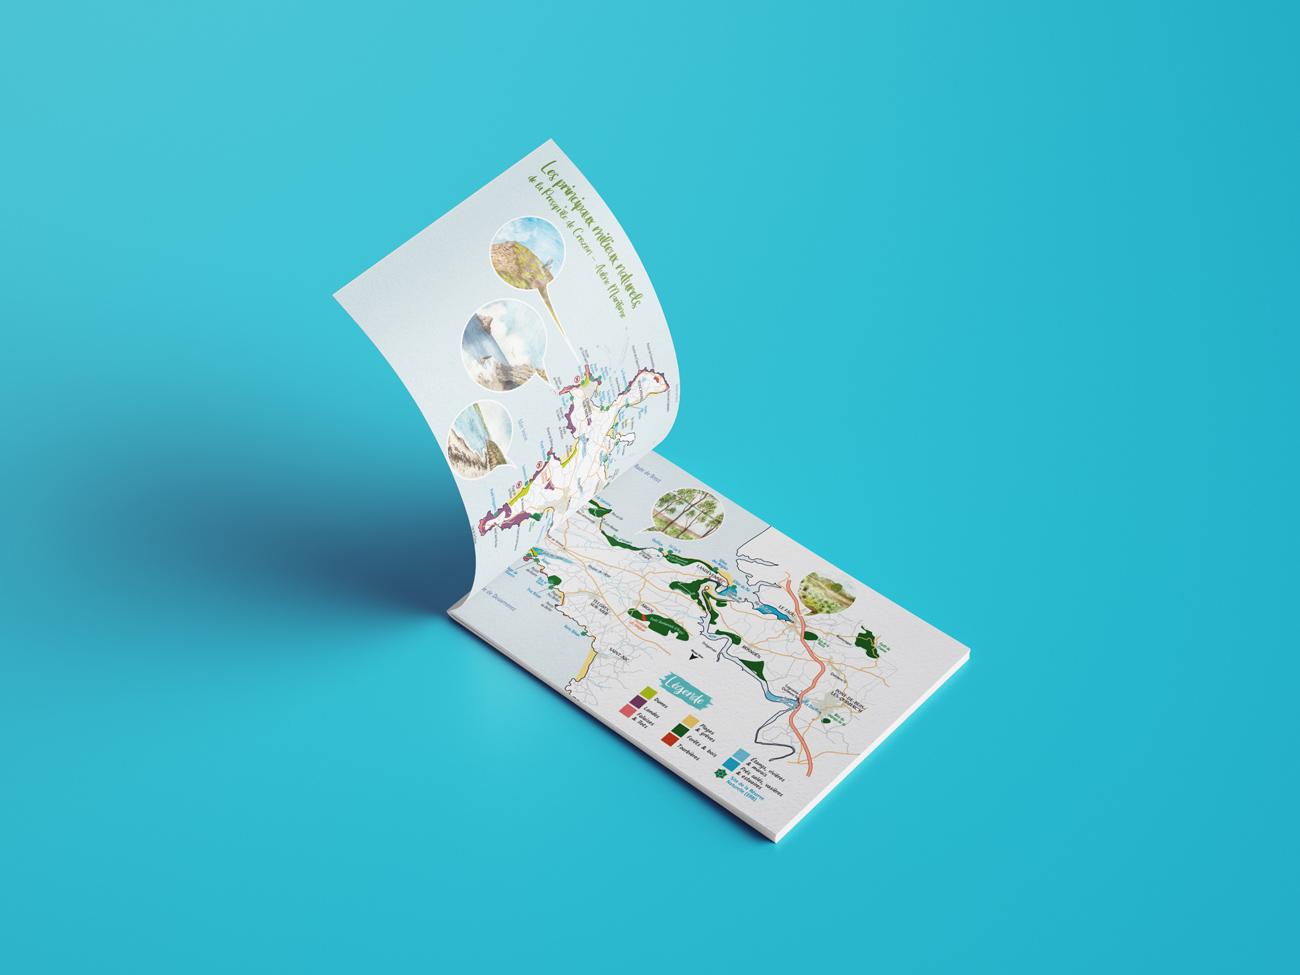 premières pages du guide découverte des espaces naturels de la presqu'île de Crozon